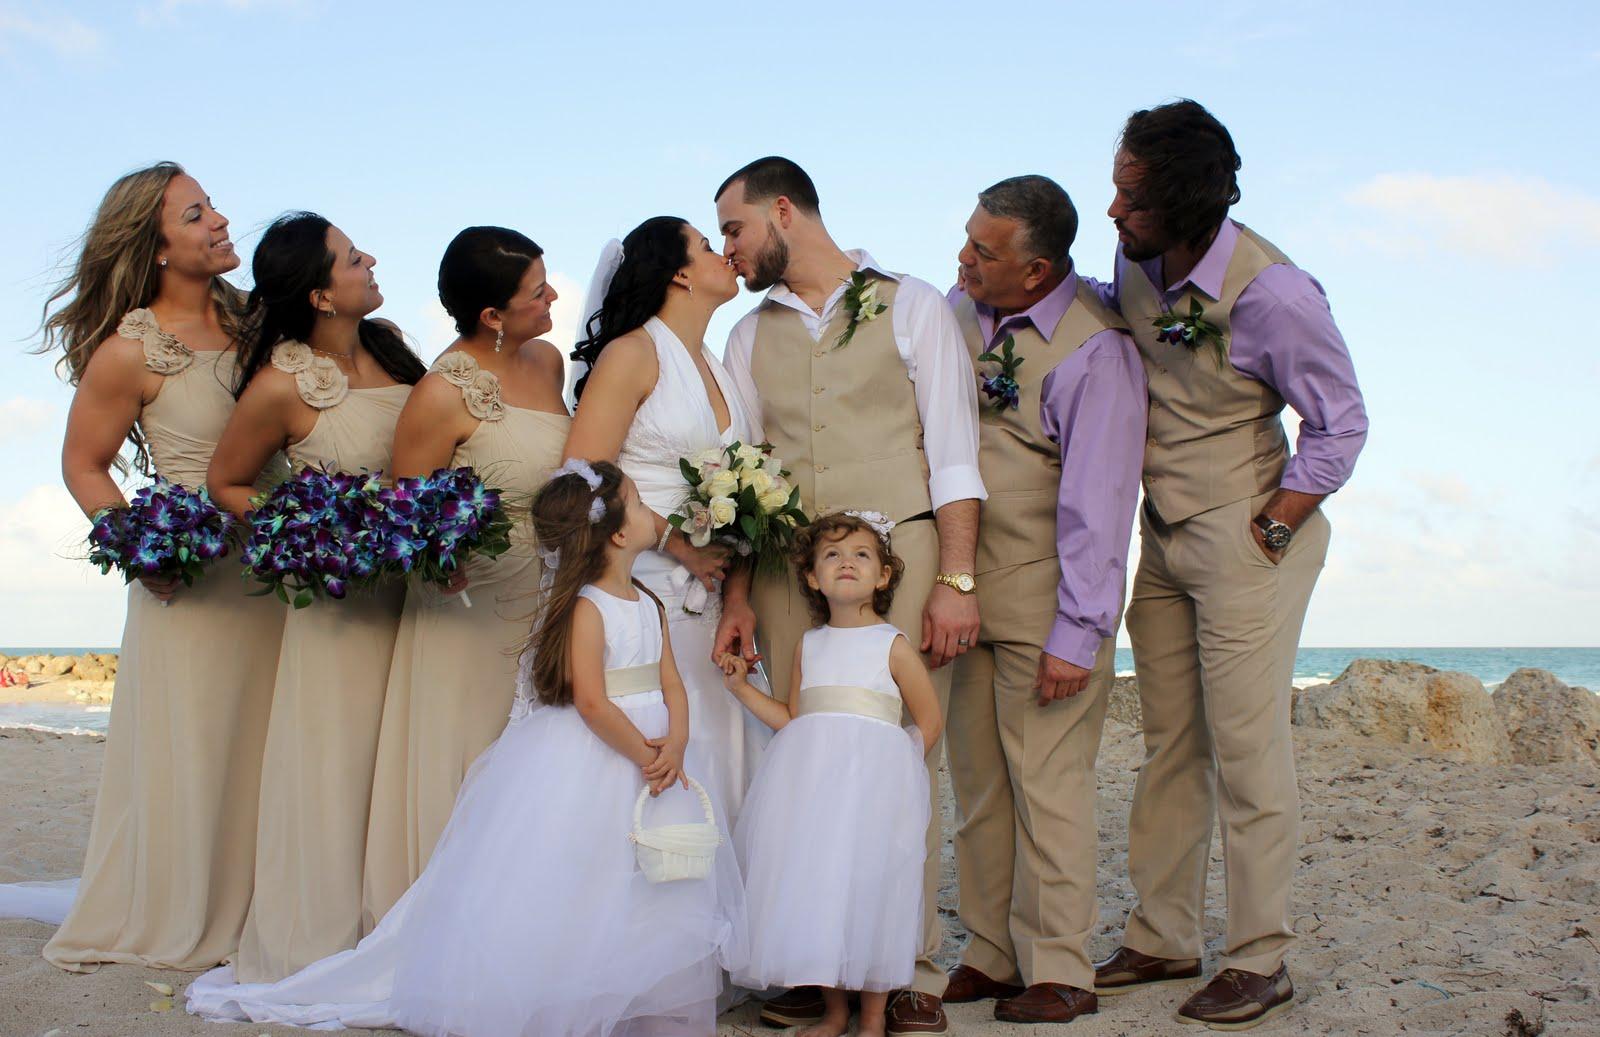 01%2B27%2B12%2Bweddings%2B%25282%2529%2B457 - affordable beach weddings in southern california